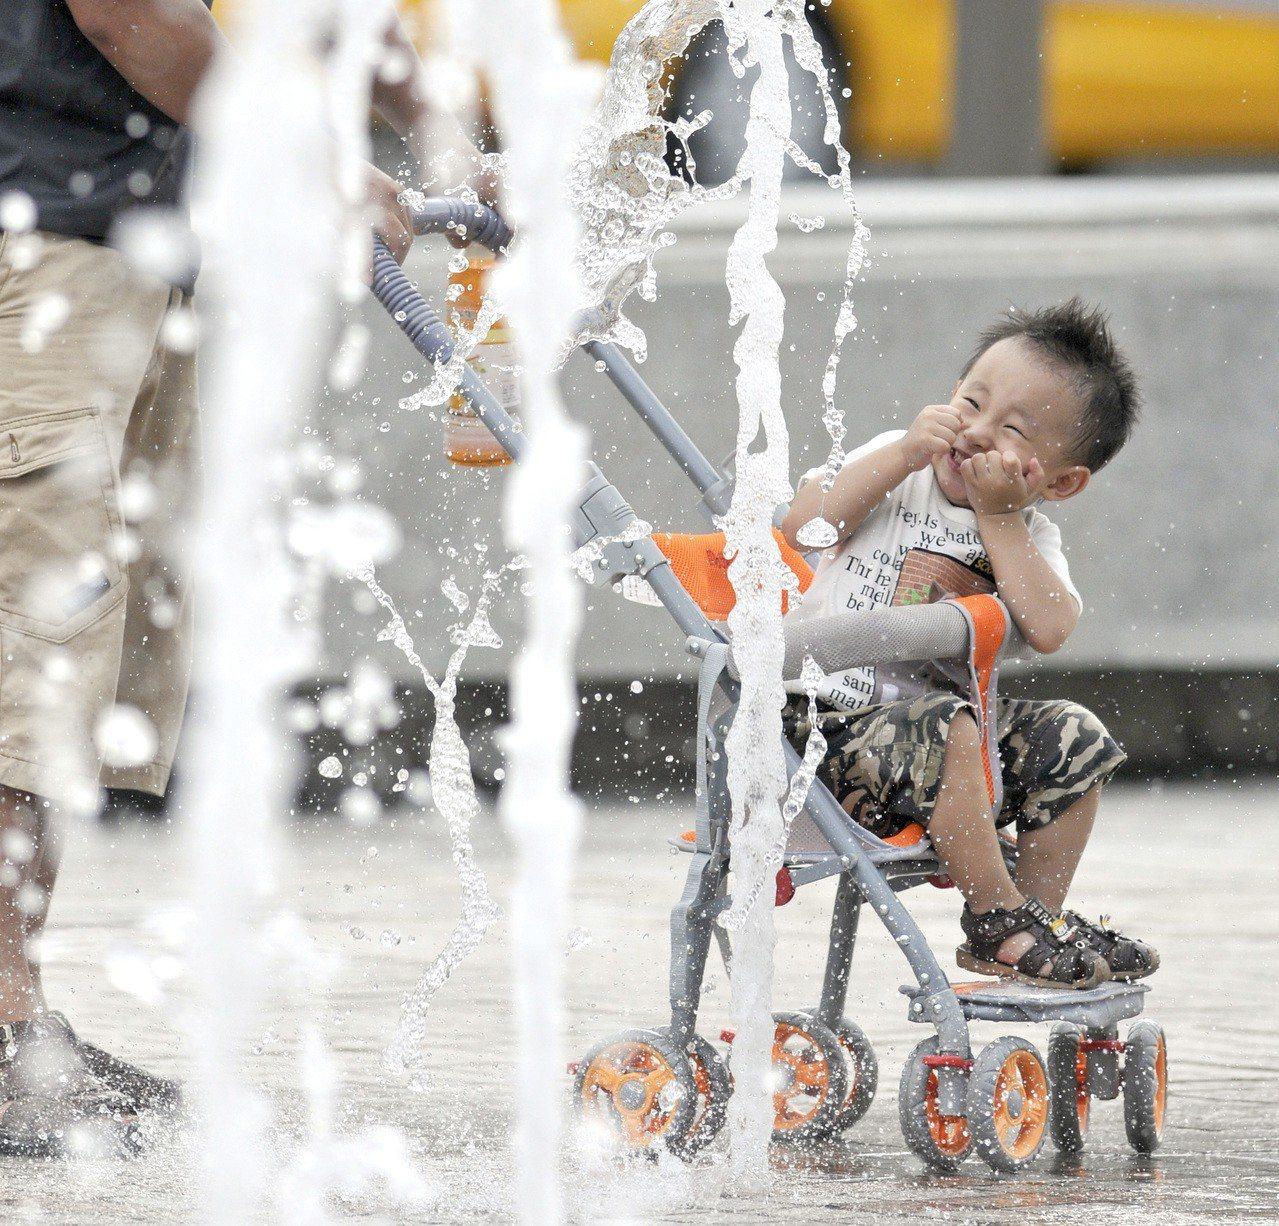 一個爸爸推著坐在嬰兒車上的小朋友穿梭在噴起的水柱間。聯合報系資料照/林澔一攝影